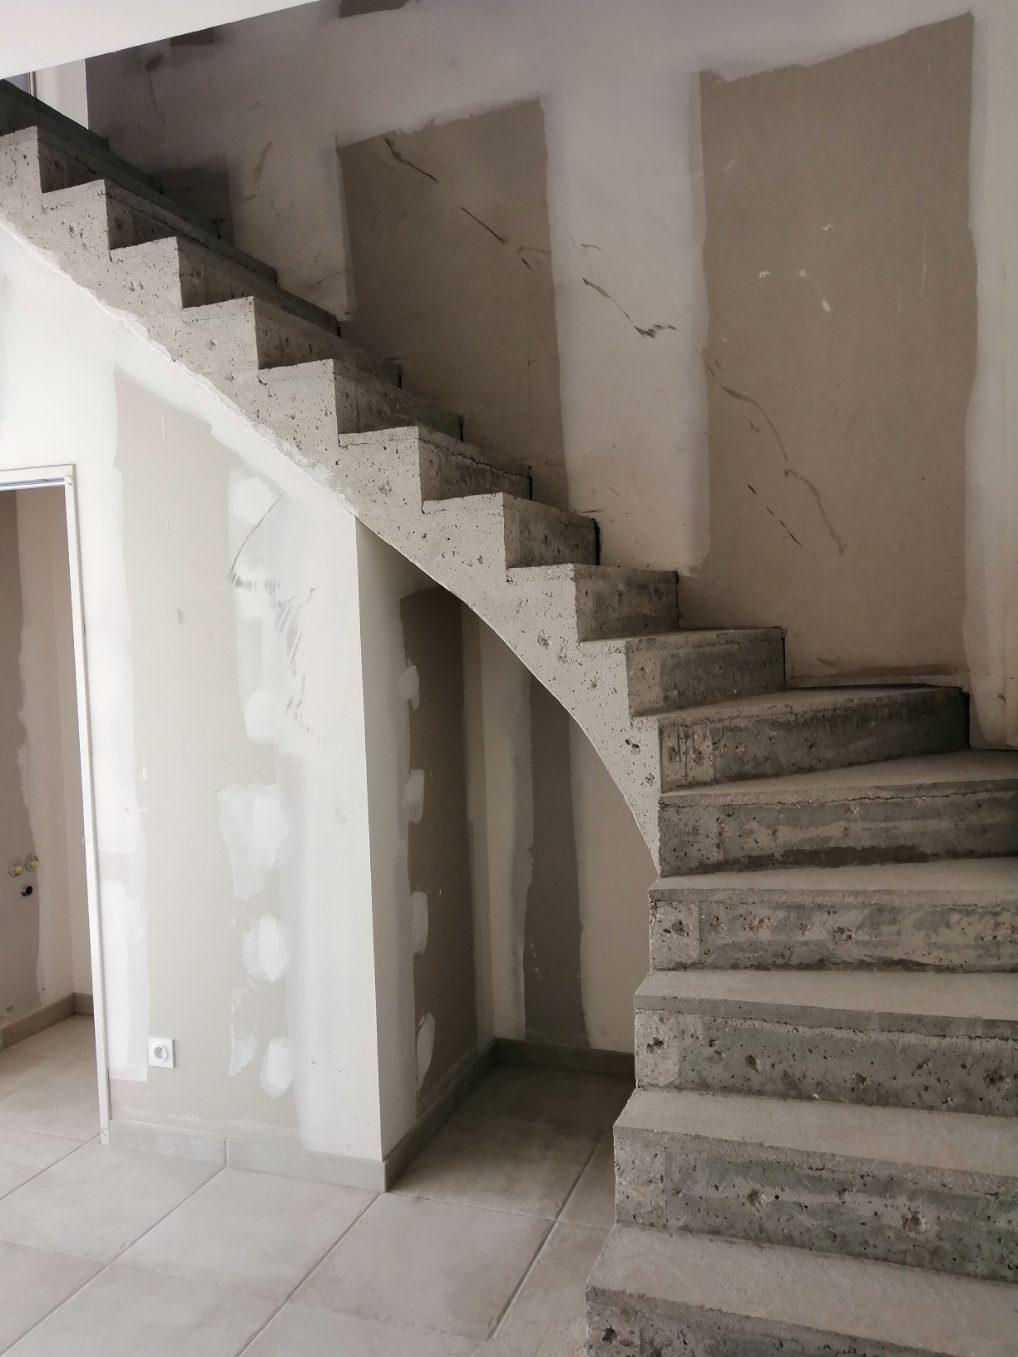 magnifique escalier à paillasse avec marche royale en béton brut de décoffrage  A martignas sur Jalles en Gironde  pour un constructeur